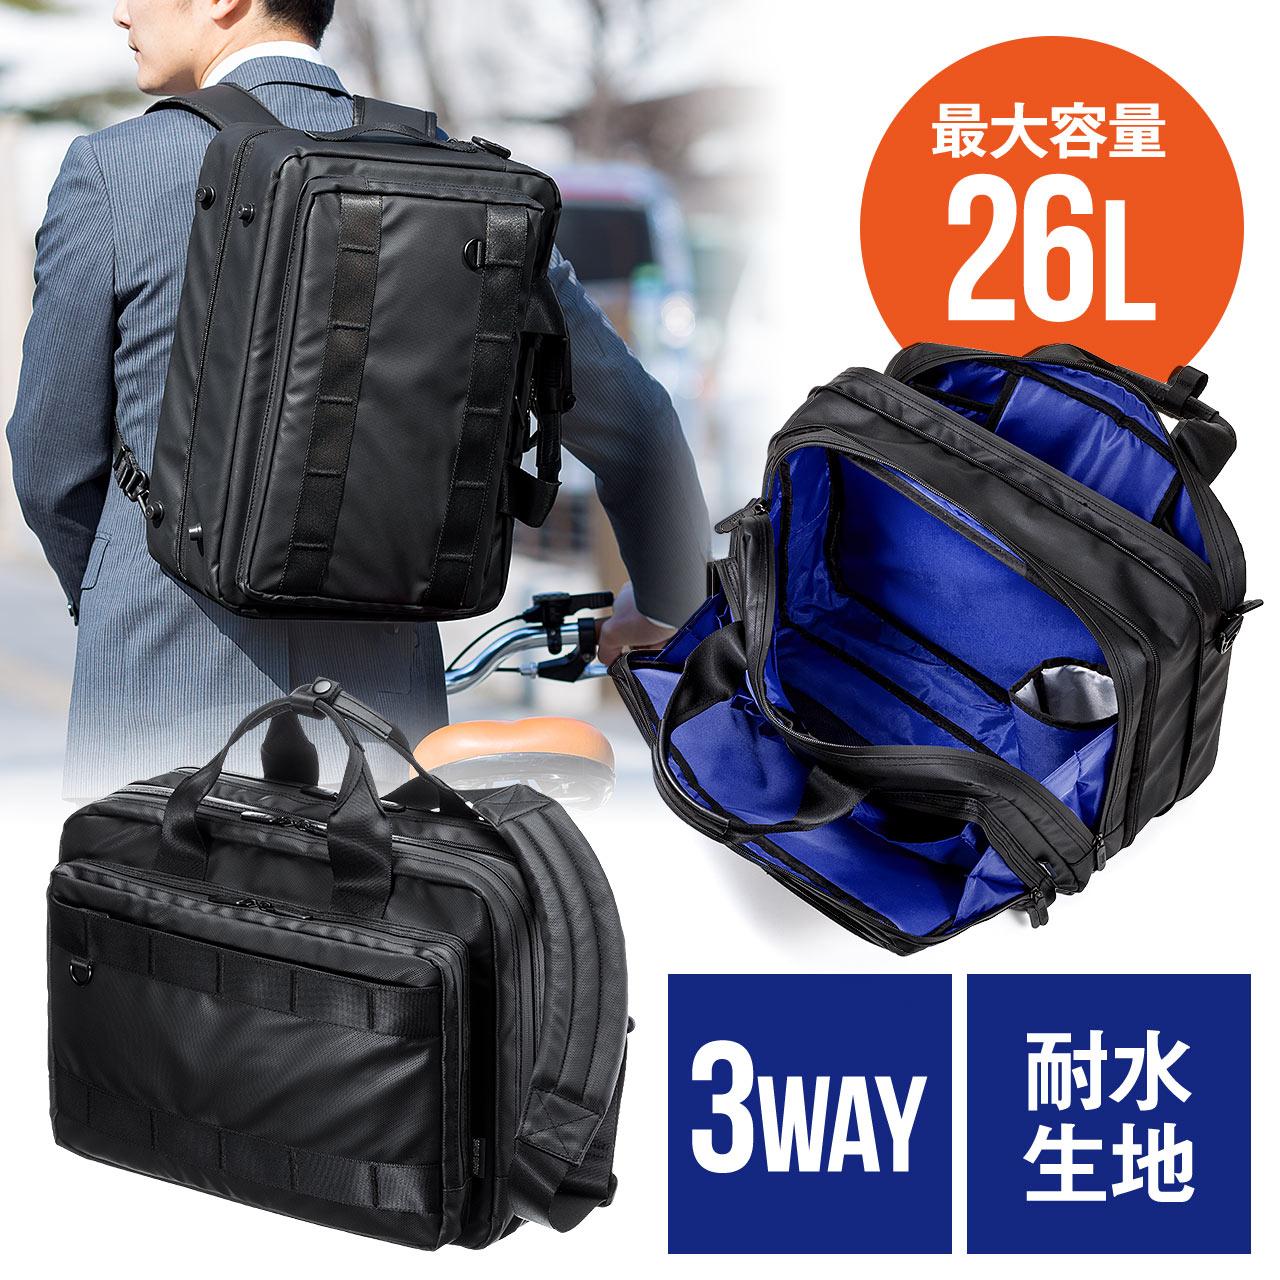 3WAYビジネスバッグ(マチ拡張・26リットル・耐水・止水ファスナー) サンワダイレクト サンワサプライ 200-BAG126BK